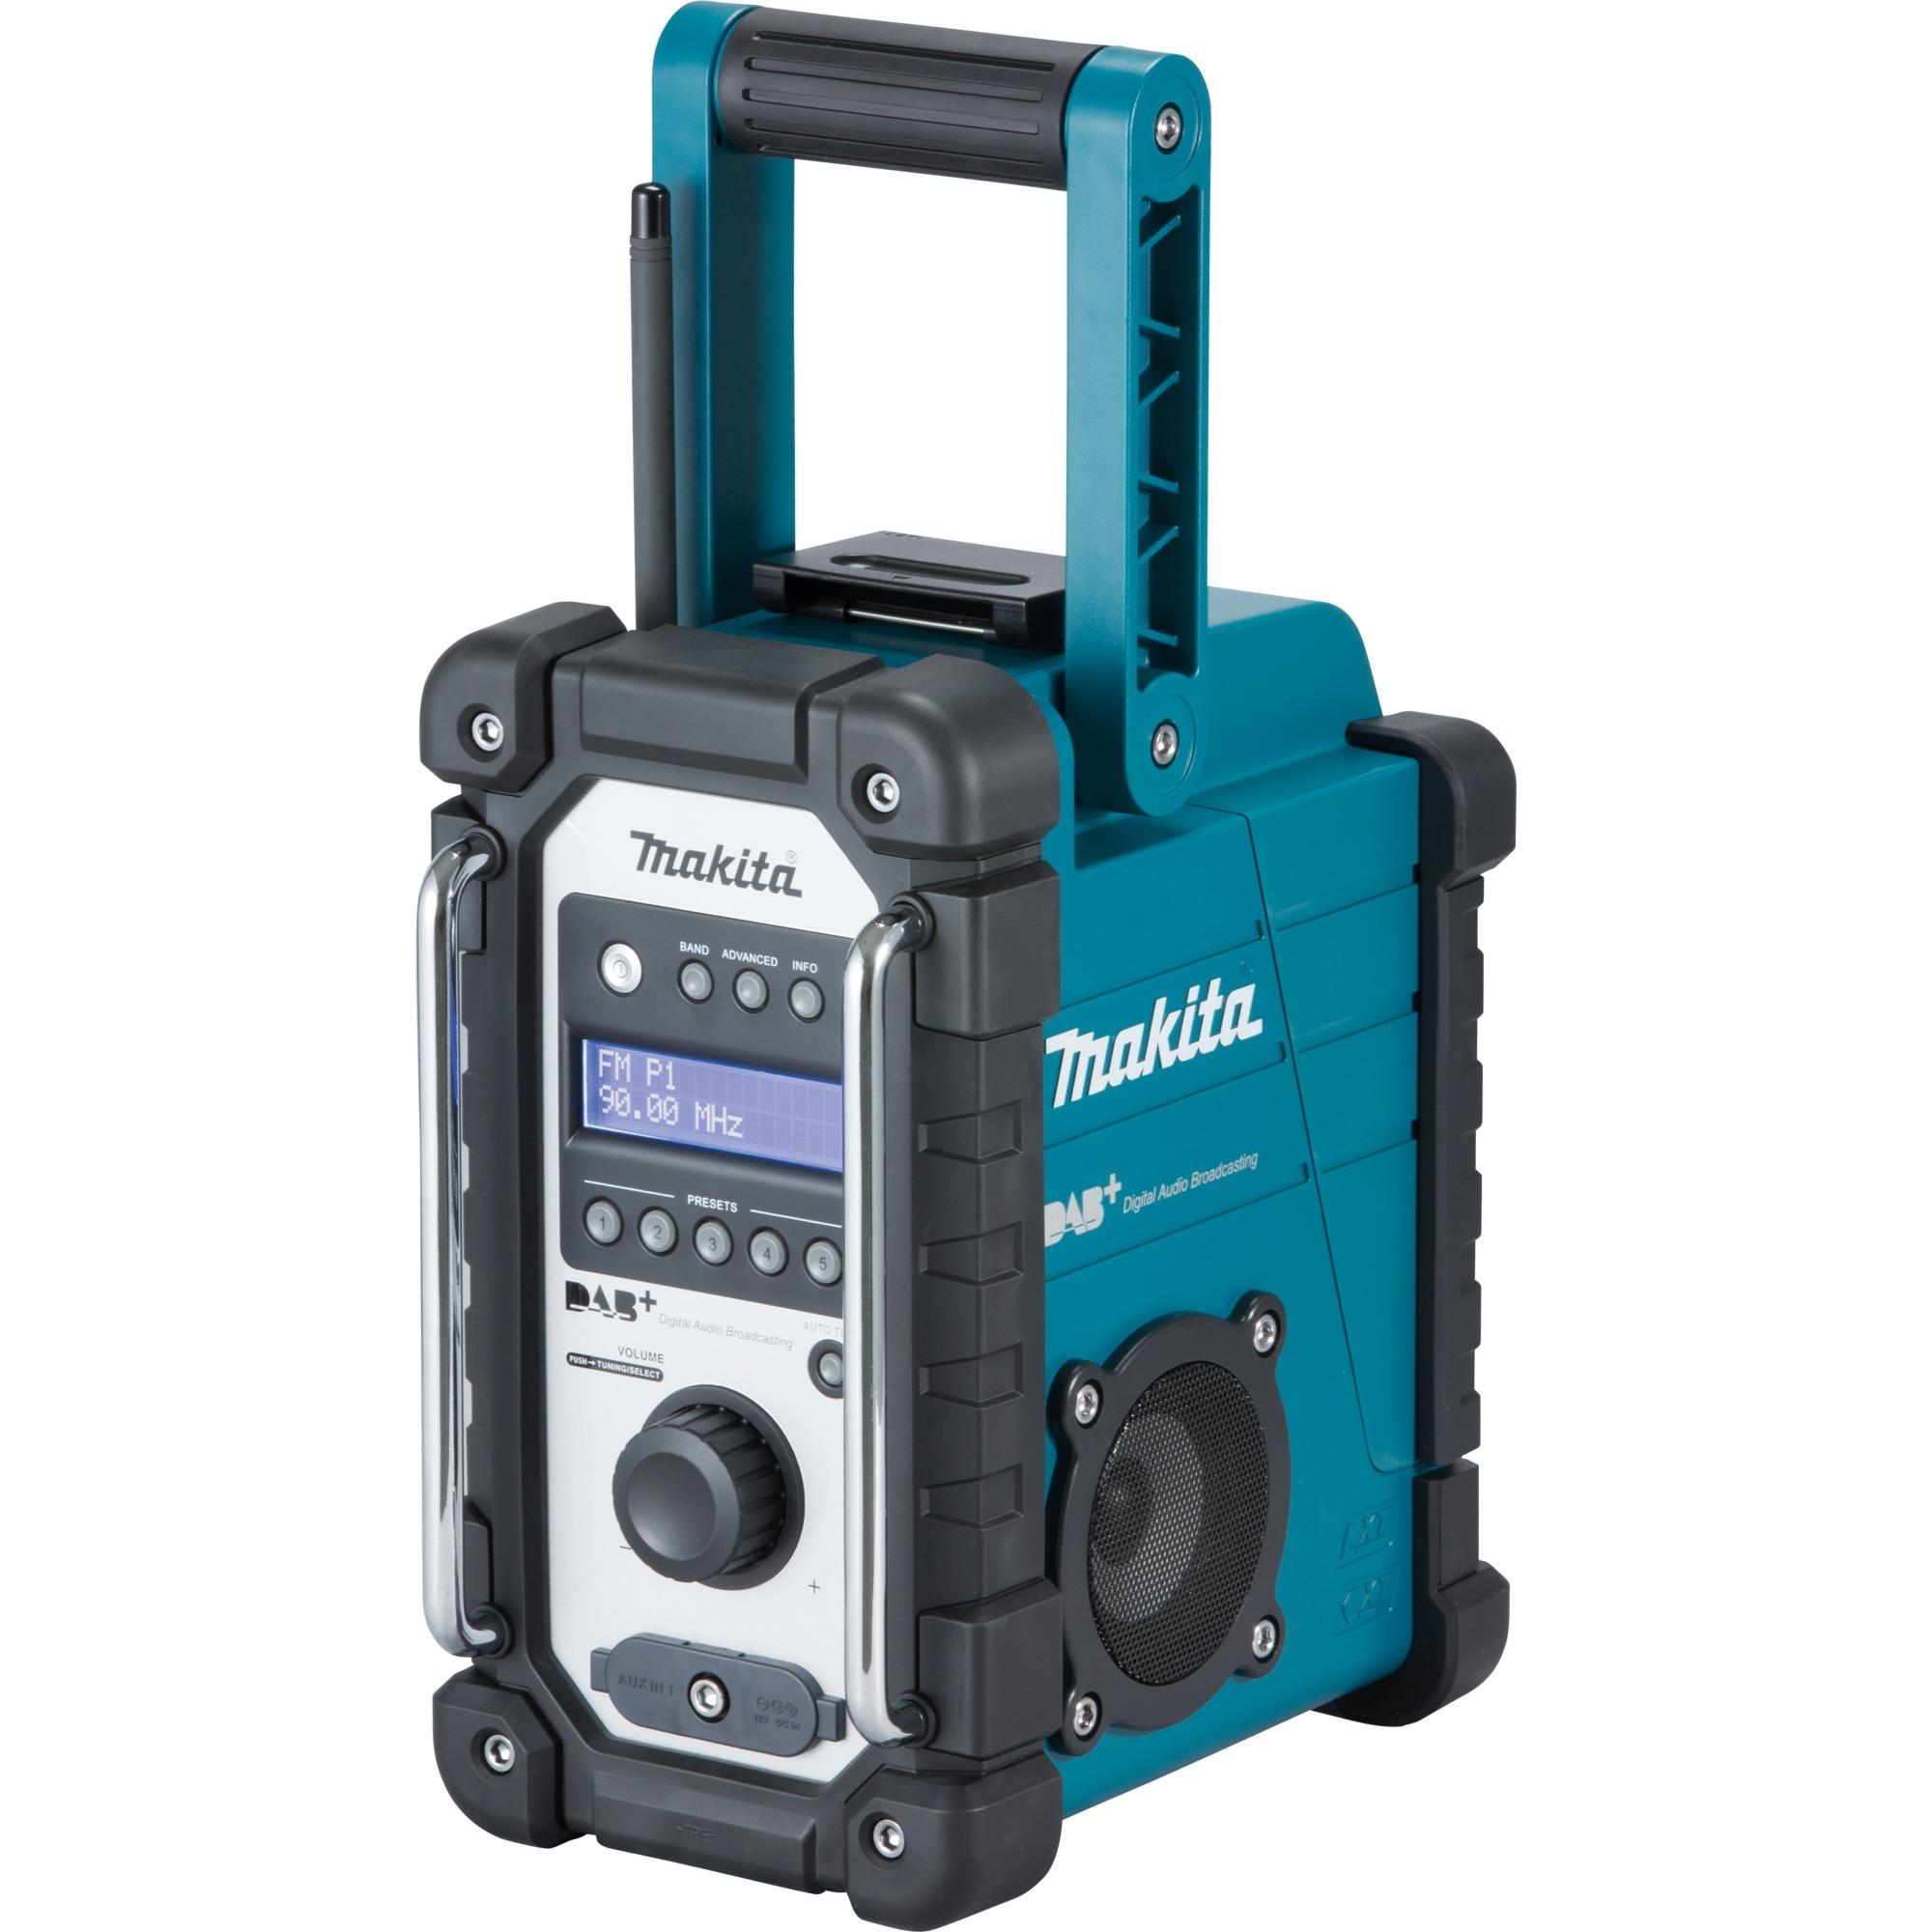 Makita Akku-Baustellenradio DMR110